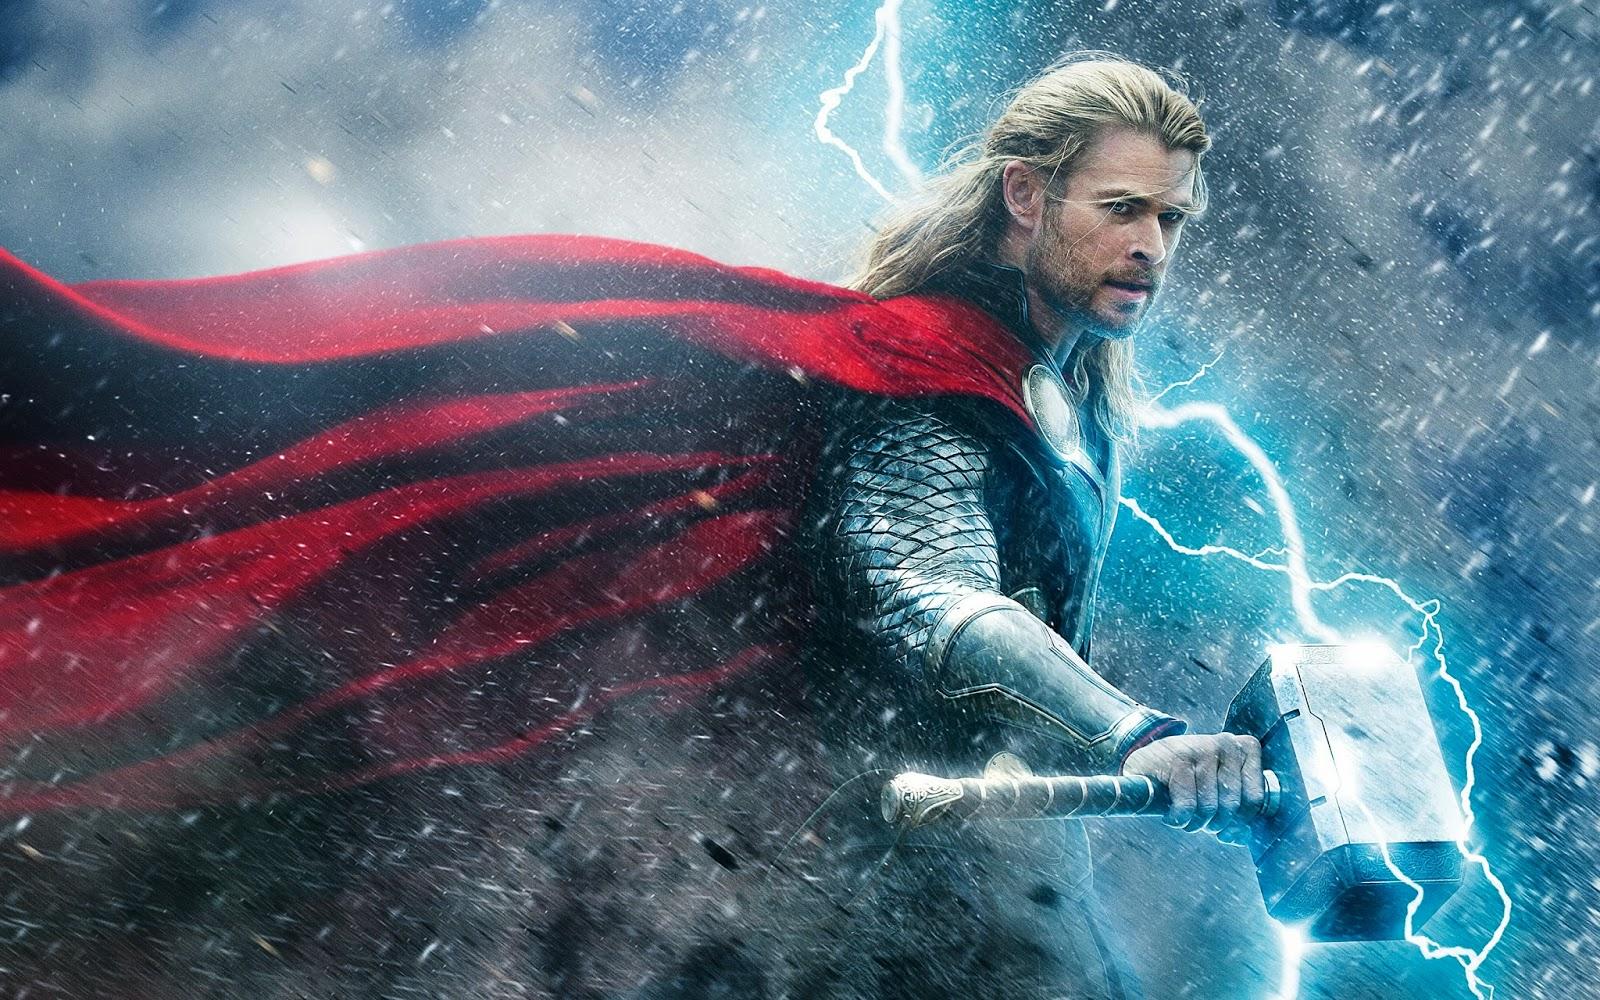 【動作】雷神索爾2:黑暗世界線上完整看 Thor:The Dark World